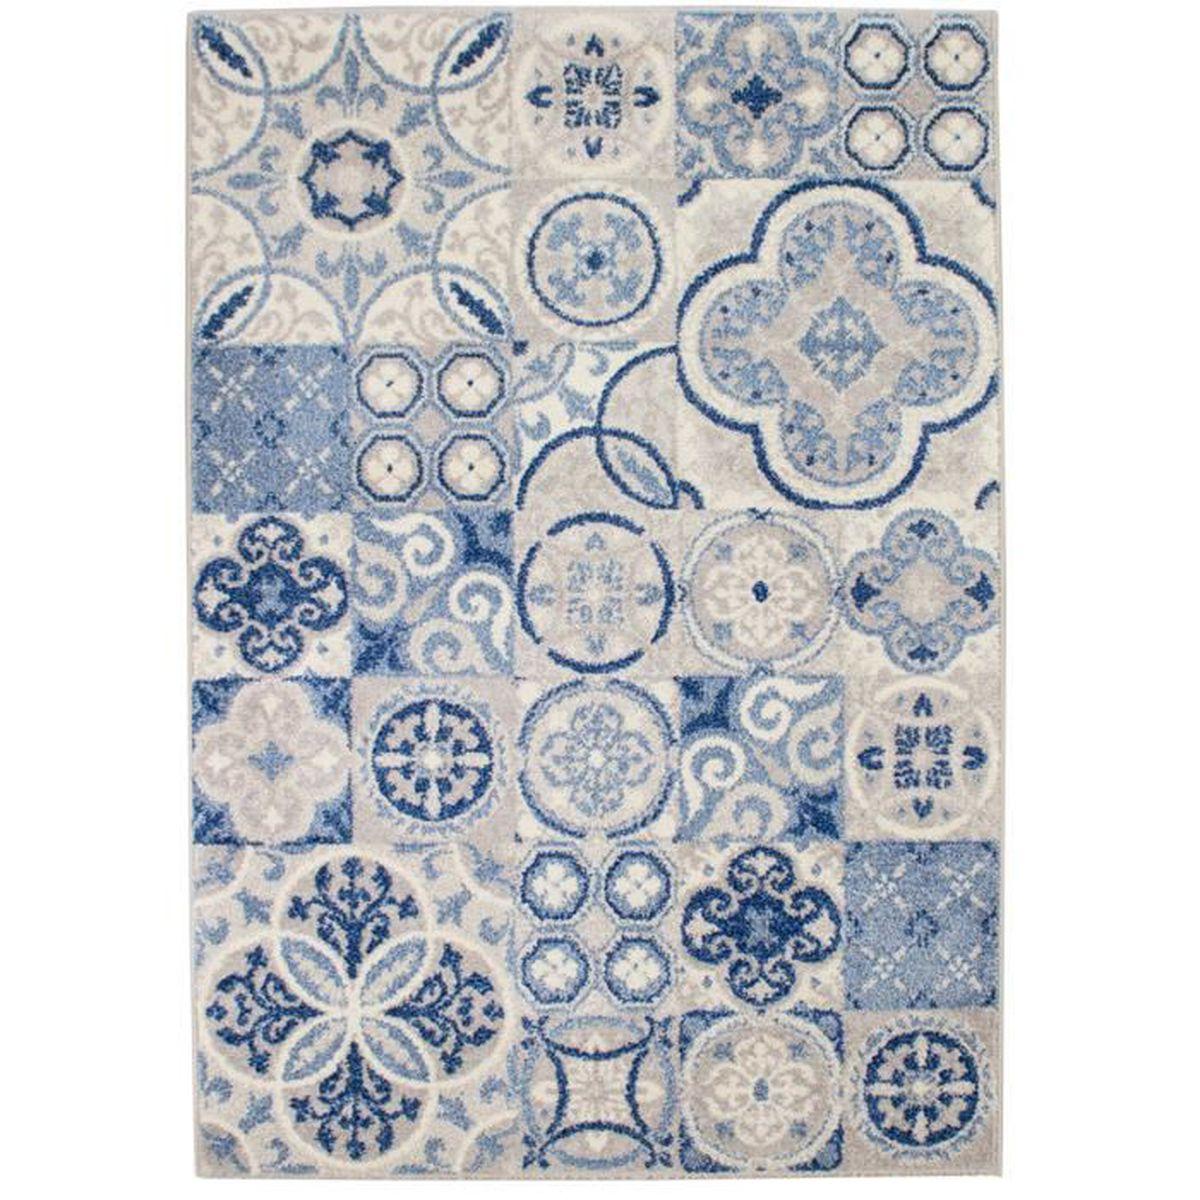 Tapis Effet Carreaux De Ciment karo tapis 120x170cm effet carreaux de ciment - achat